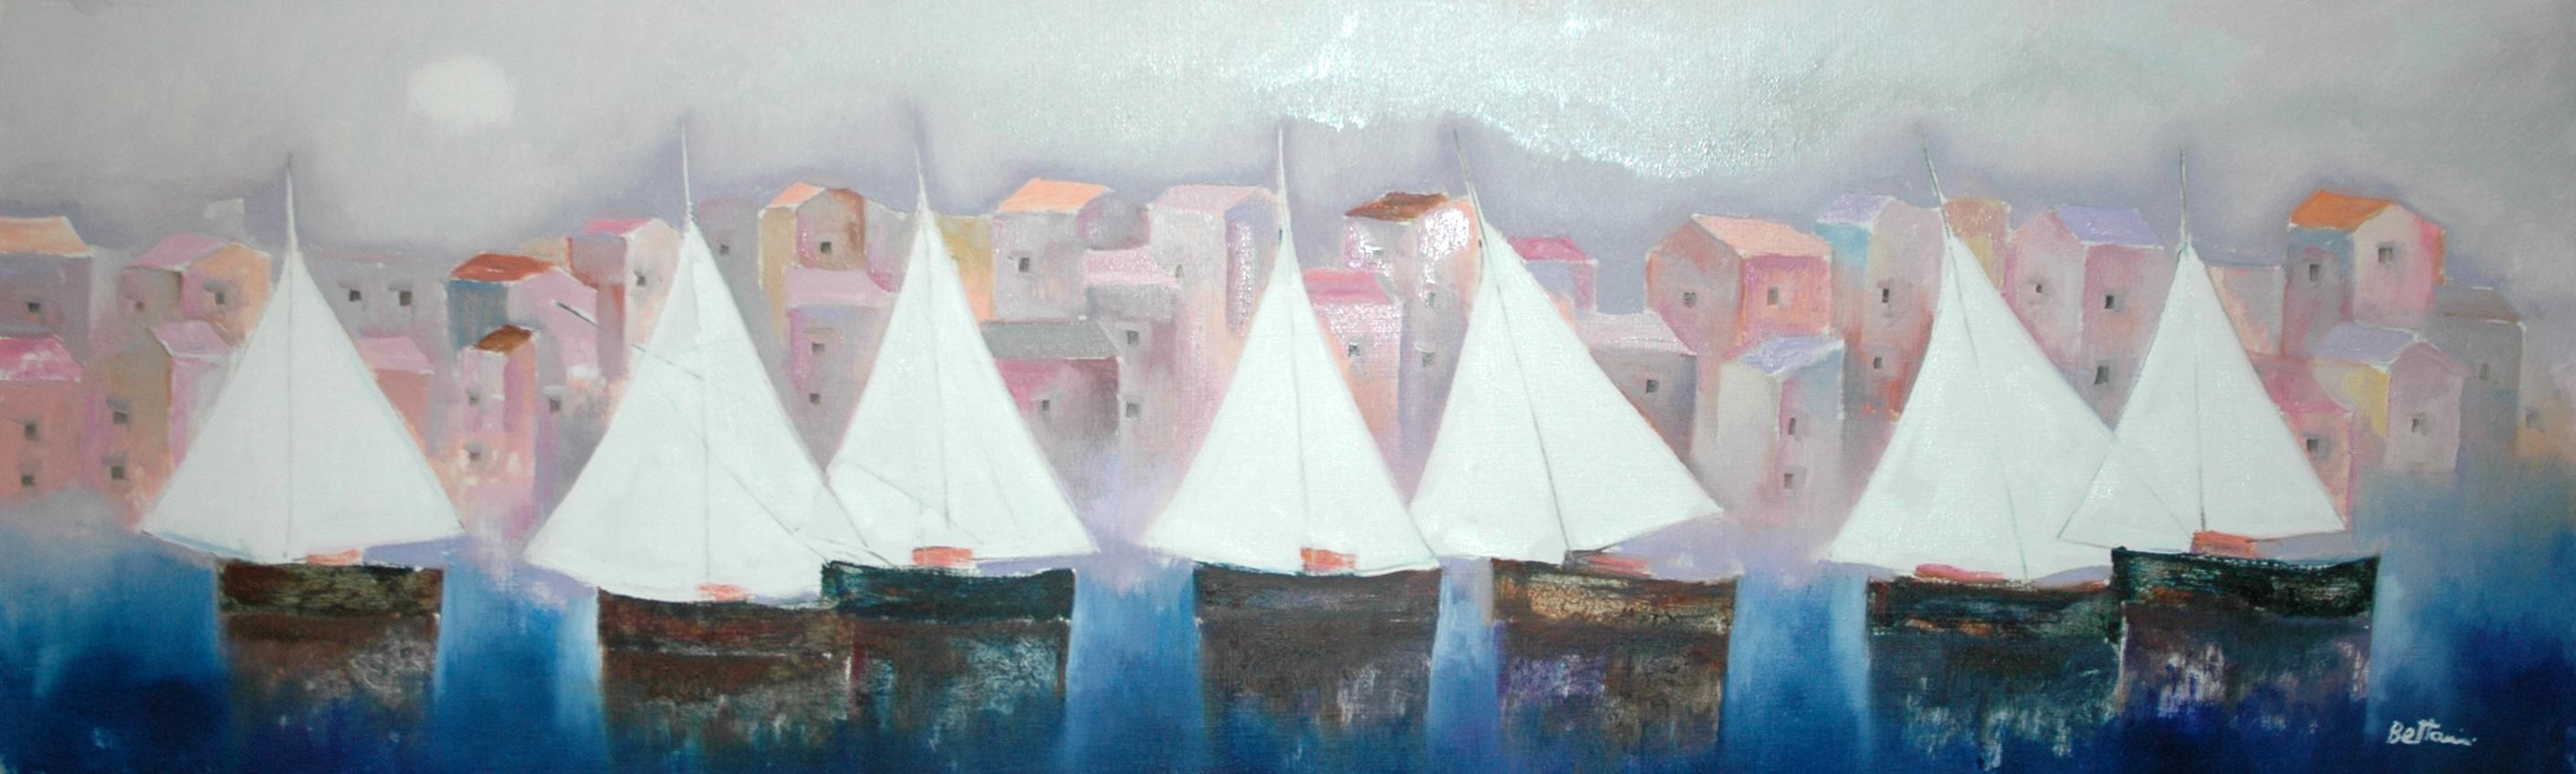 Villaggio sul mare con vele